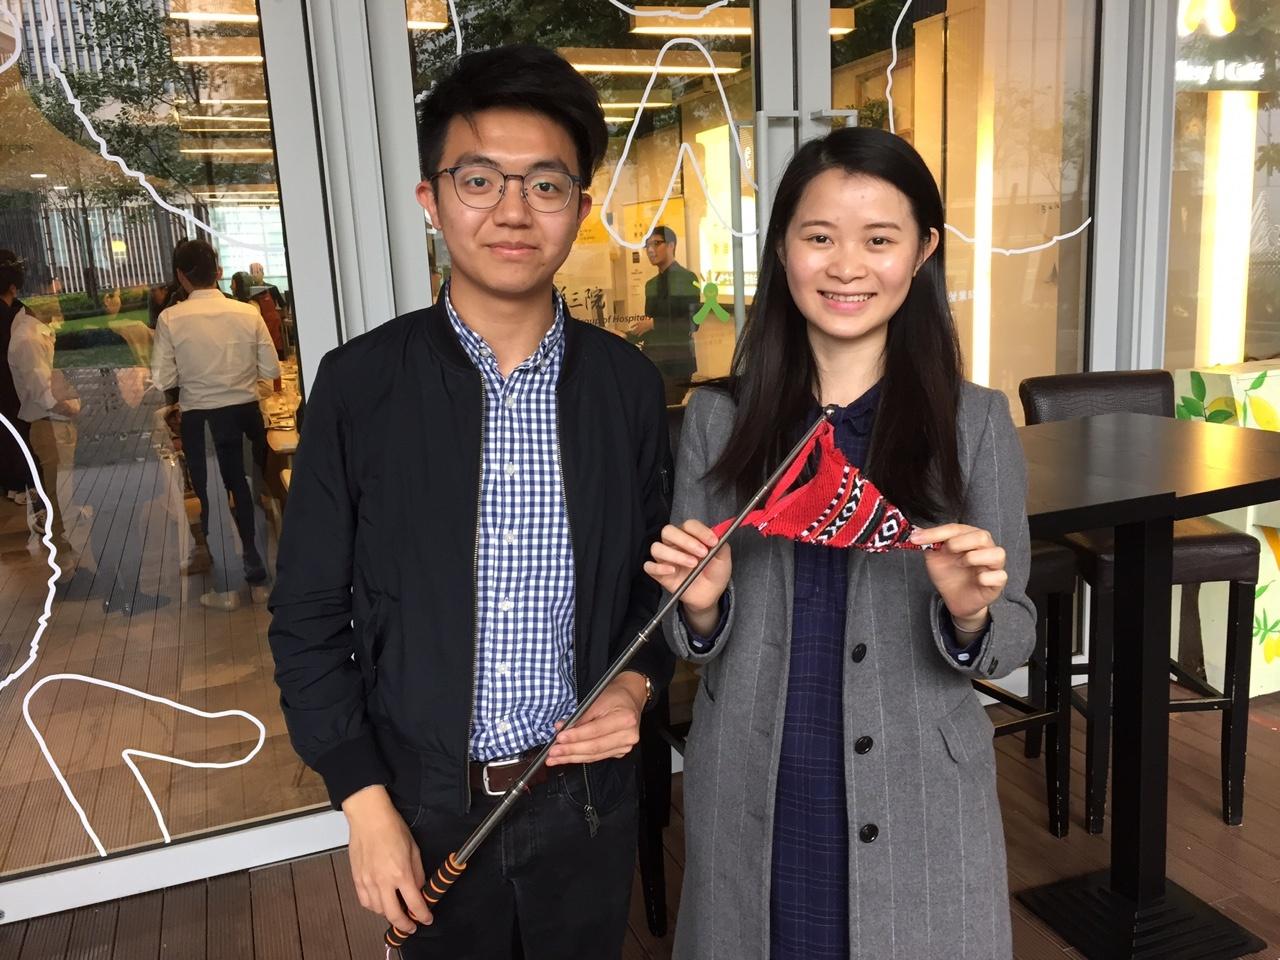 社企「街坊帶路」創辦人譚健樂(圖左)與劉錦英(圖右)期望透過由居民作導遊,分享個人故事,讓參與者更深入了解香港。(王丹麟攝)